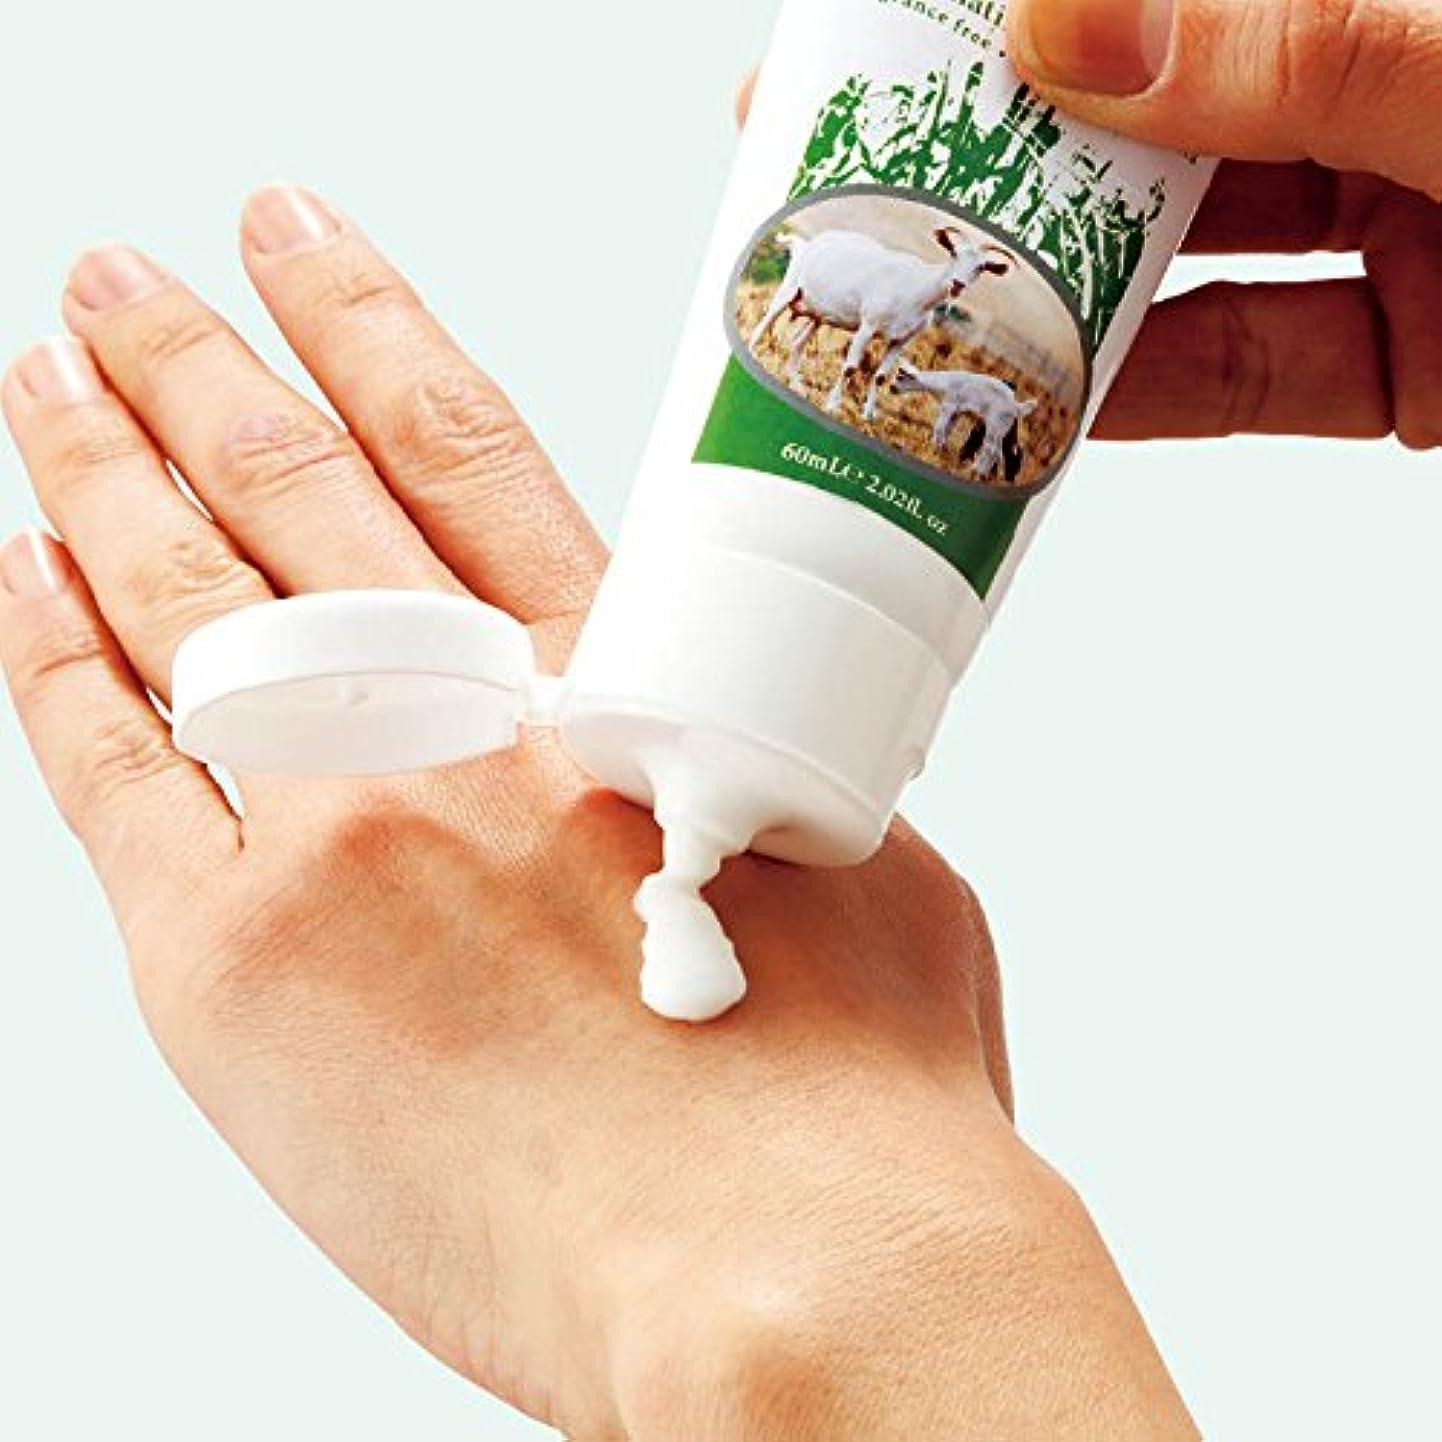 スパーク安価な不屈オーストラリア 土産 ティリー ゴートミルク ハンドクリーム 3本セット (海外旅行 オーストラリア お土産)